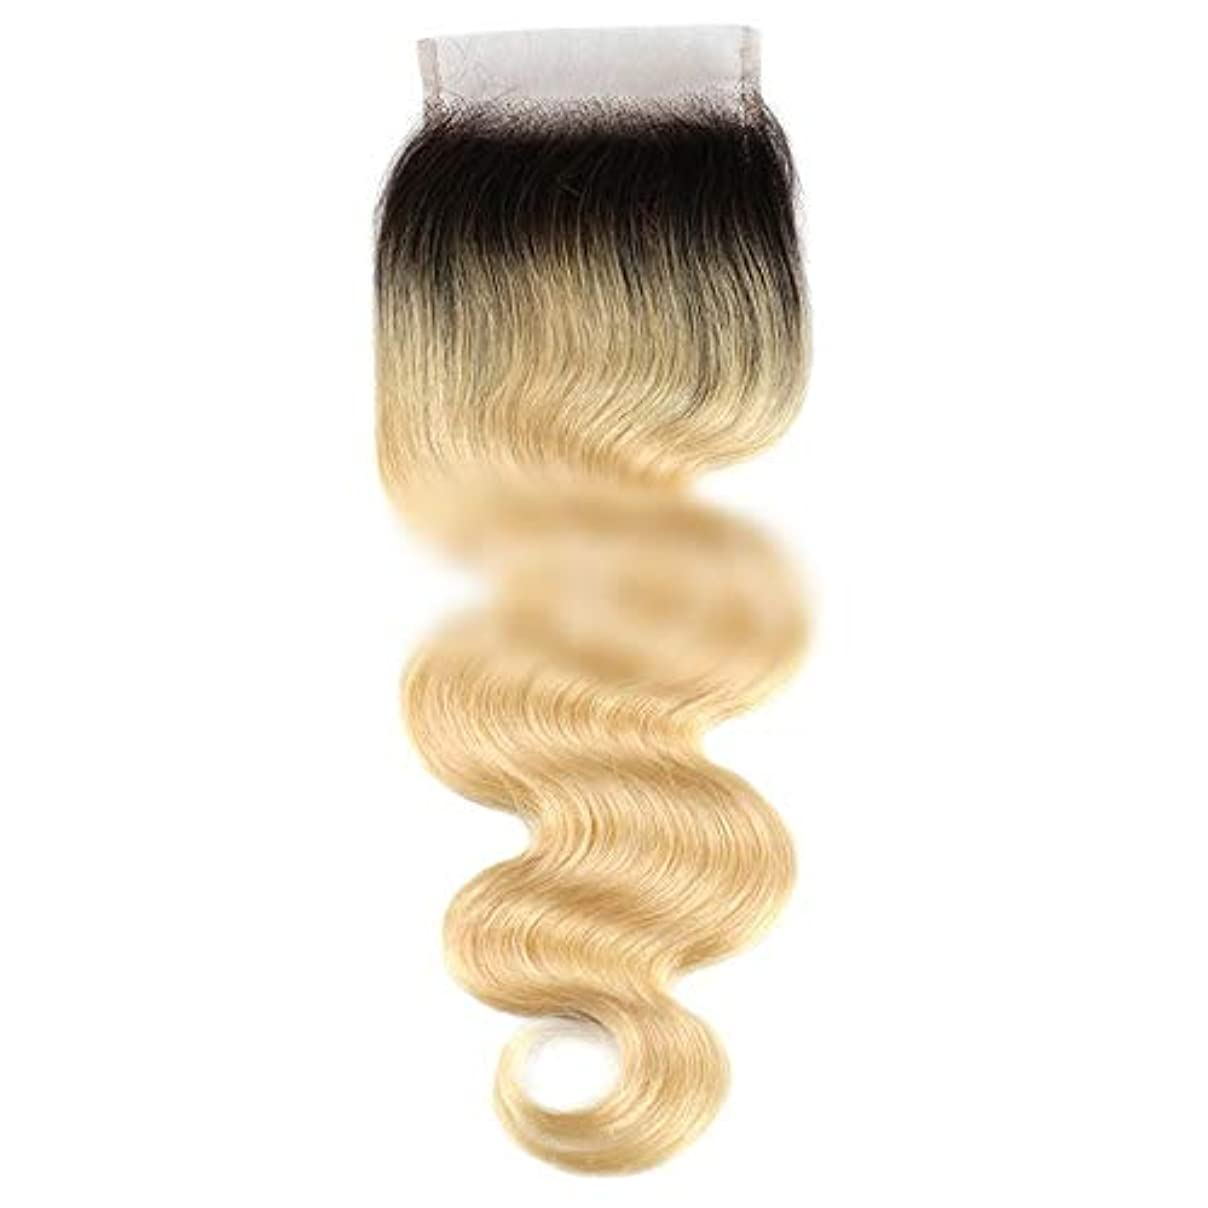 秘書誰でも祝うHOHYLLYA 1B / 613#ブロンドヘア実体波4×4フリーパートレース閉鎖9Aブラジル人間の髪の毛のための合成髪レースかつらロールプレイングかつら長くて短い女性自然 (色 : Blonde, サイズ : 12 inch)